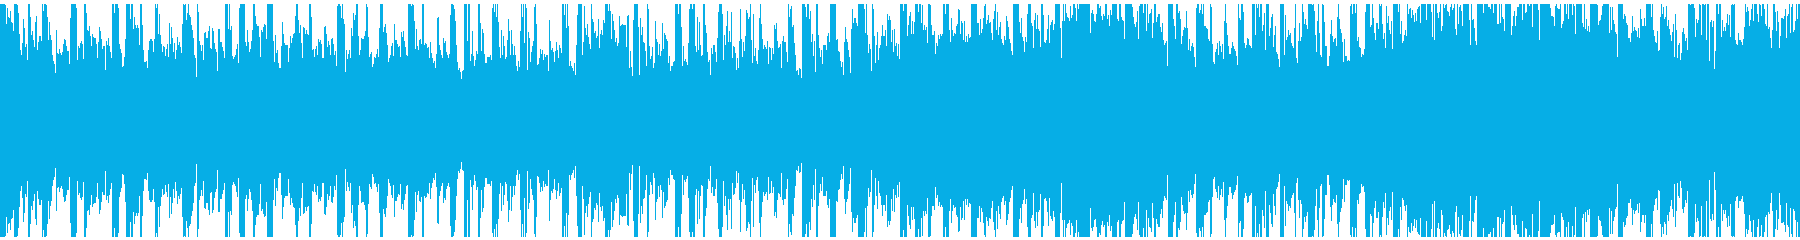 ミッドテンポのエレクトロビートとデ...の再生済みの波形